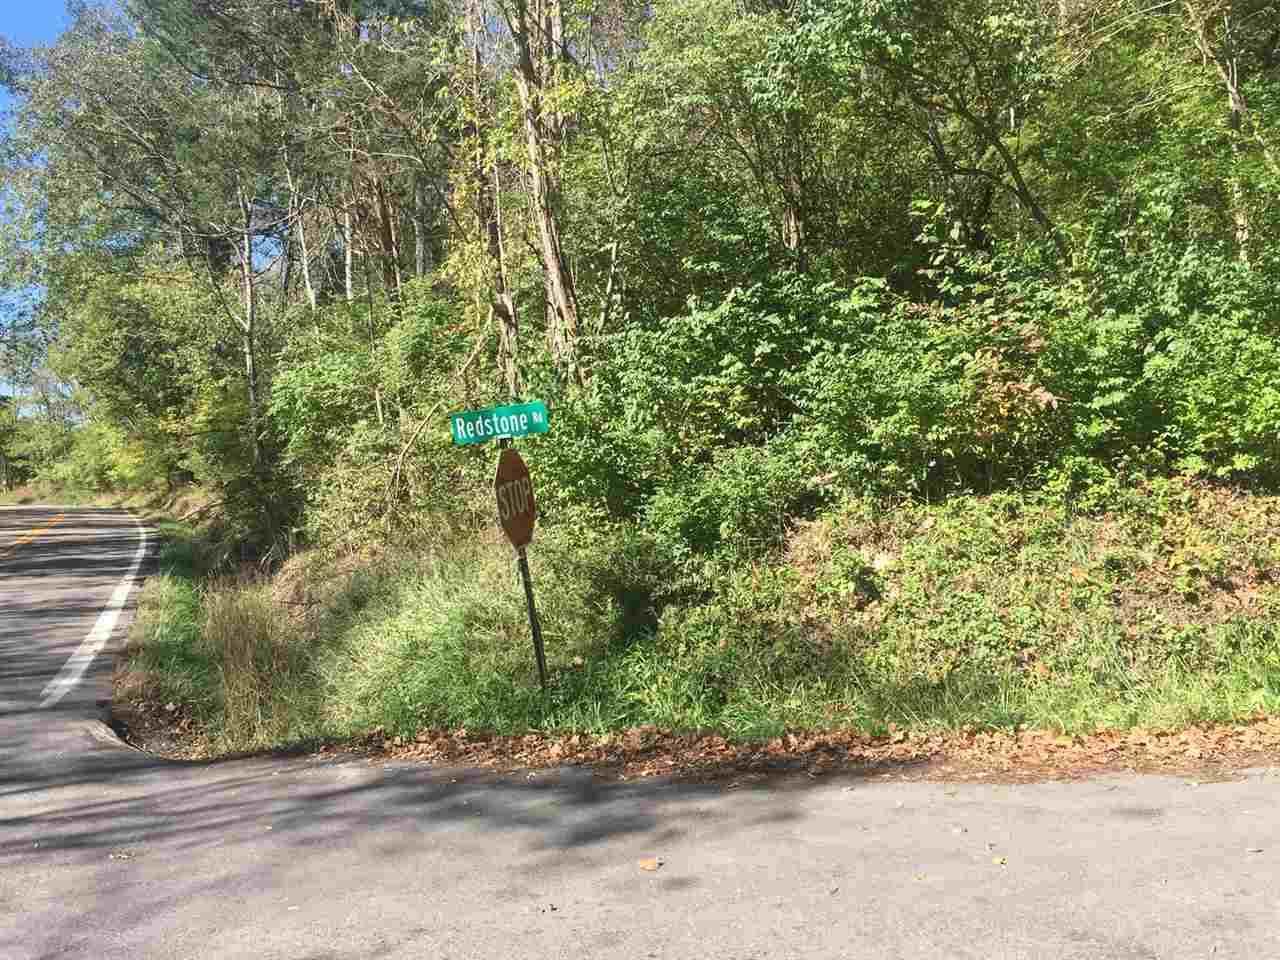 1610 Redstone Road - Photo 1